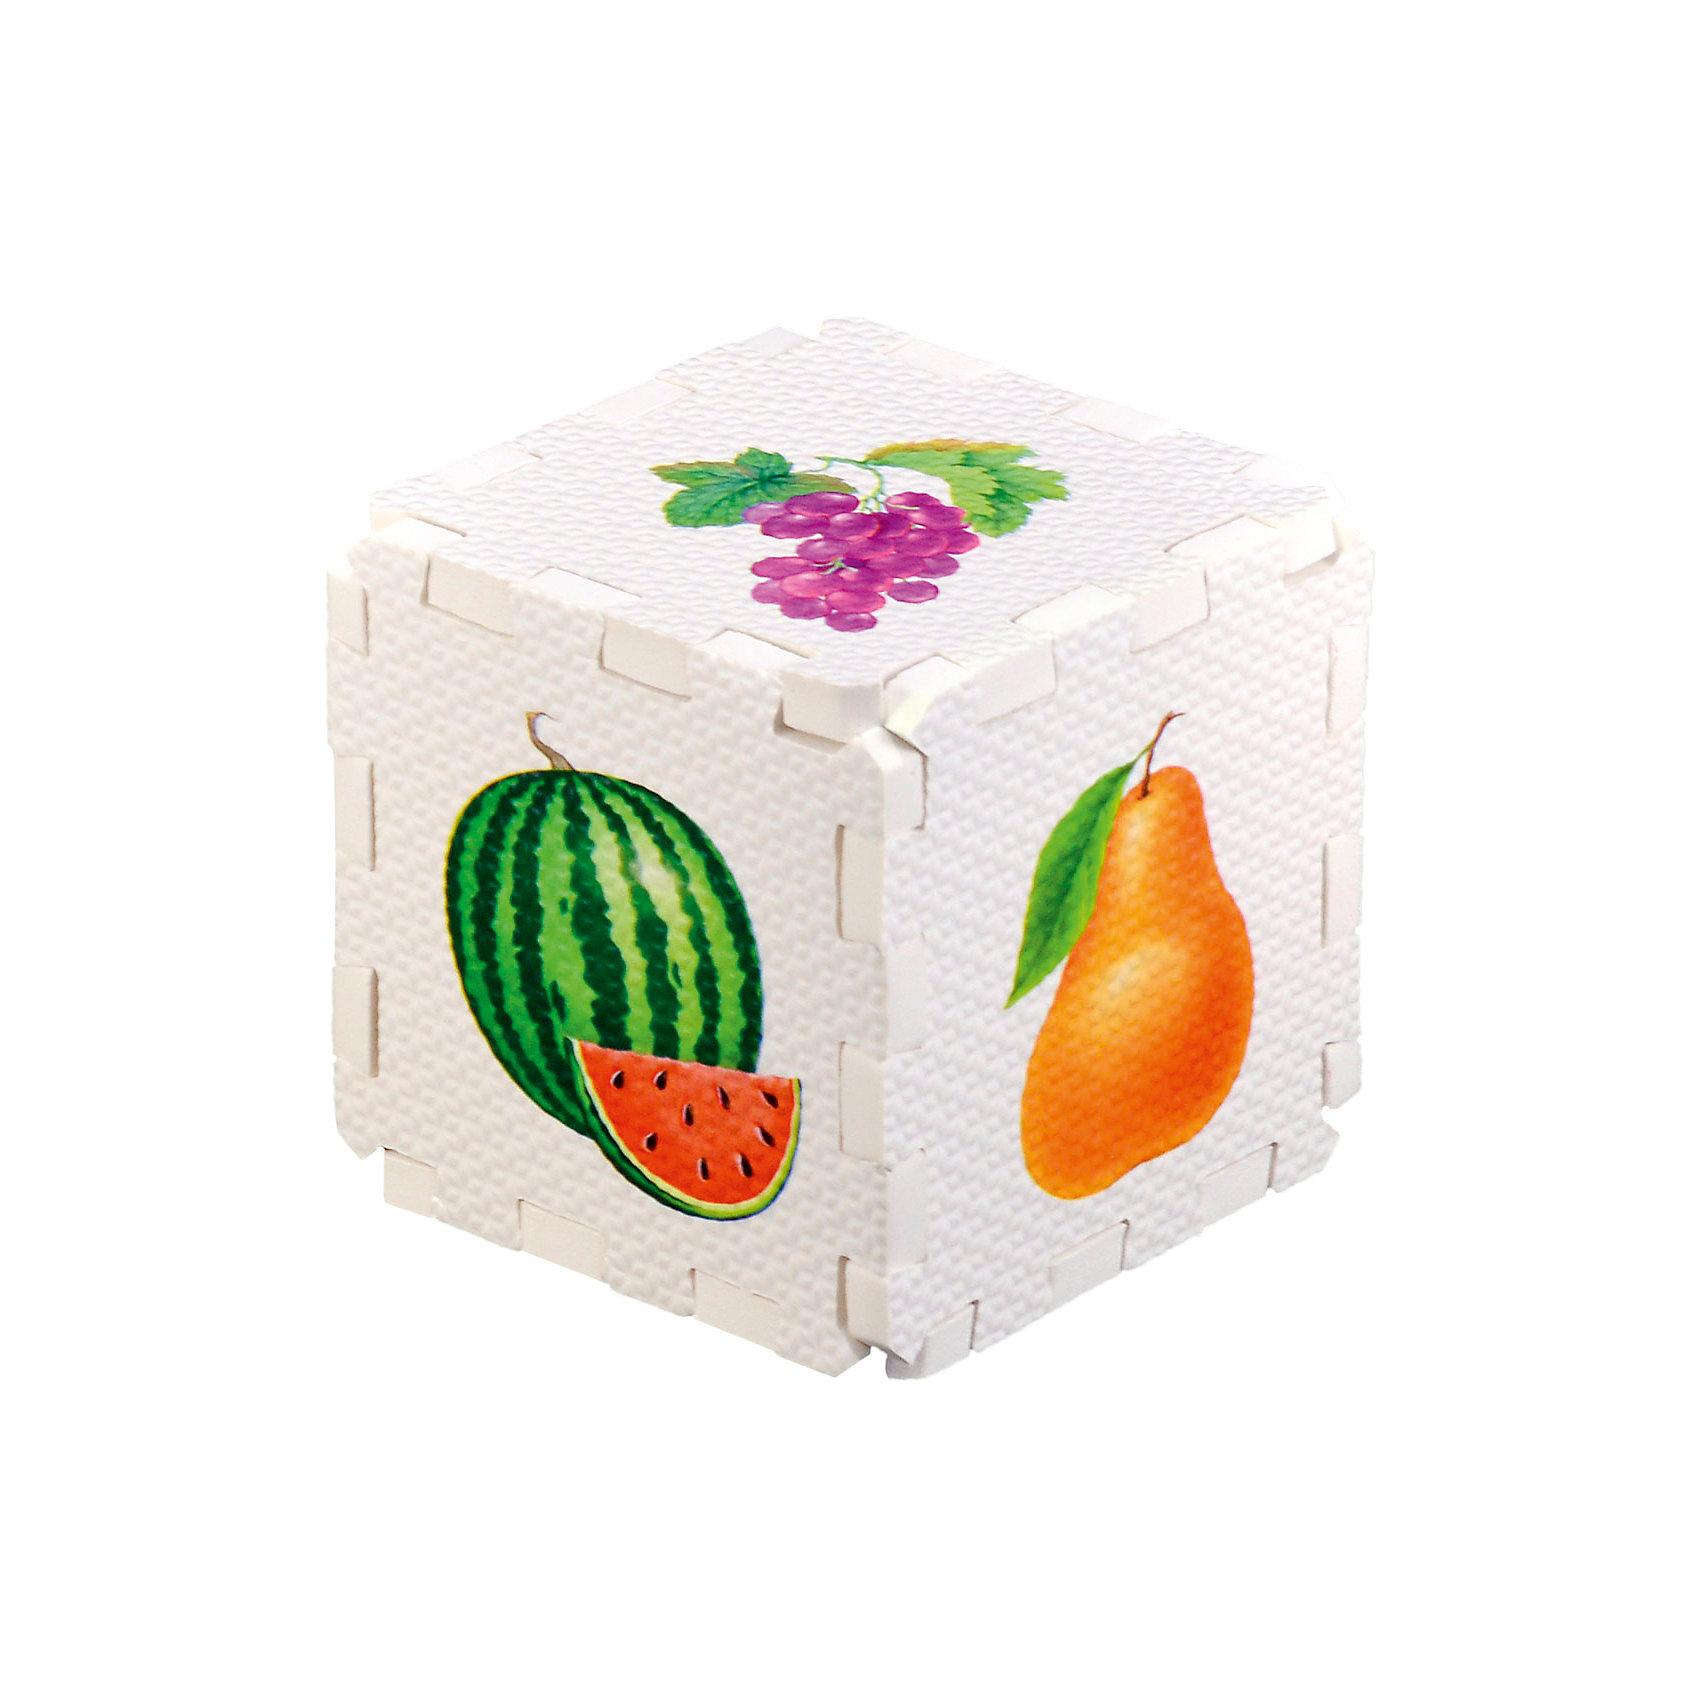 Кубик EVA Фрукты и ягодыПервые книги малыша<br>Набор состоит из 6 больших деталей-пазлов, которые можно собрать в объёмный кубик. Собирая кубик и играя с его деталями, малыши тренируют мелкую моторику, развивают мышление, память, внимание, а также получают навыки творческого конструирования.<br>Детали-пазлы сделаны из экологически чистого и гипоаллергенного материала ЭВА (EVA), который не имеет цвета, запаха и вкуса, а значит, идеально подходит для первых развивающих игрушек и игр.<br>Особенности пазлов ЭВА открывают дополнительные возможности для различных игровых сюжетов:<br>- детали-пазлы можно грызть, мять, гнуть, сжимать и мочить, и при этом они не испортятся; <br>- с набором можно играть в воде, детали плавают и легко крепятся к кафелю и стенкам ванны; <br>- уникальная технология печати картинок на пазлах передаёт все оттенки цветов, и дети быстрее учатся узнавать нарисованные на них предметы в окружающем мире; <br>- набор идеально подходит для развития детской моторики, сенсорики, навыков конструирования; <br>- детали-пазлы из разных наборов подходят к друг другу, вы легко можете комбинировать разные наборы.<br><br>Дополнительная информация:<br><br>- Материал: ЭВА.<br>- Размер: 25,5х24 см. <br>- Толщина детали-пазла: 3 см. <br>- Комплектация: 6 деталей.<br>- Детали-пазлы подходят к другим наборам. <br>- Используются стойкие гипоаллергенный красители.<br>- Подходит для игр в воде. <br><br>Кубик EVA - сортер Фрукты и ягоды можно купить в нашем магазине.<br><br>Ширина мм: 255<br>Глубина мм: 240<br>Высота мм: 10<br>Вес г: 72<br>Возраст от месяцев: 12<br>Возраст до месяцев: 36<br>Пол: Унисекс<br>Возраст: Детский<br>SKU: 4545592